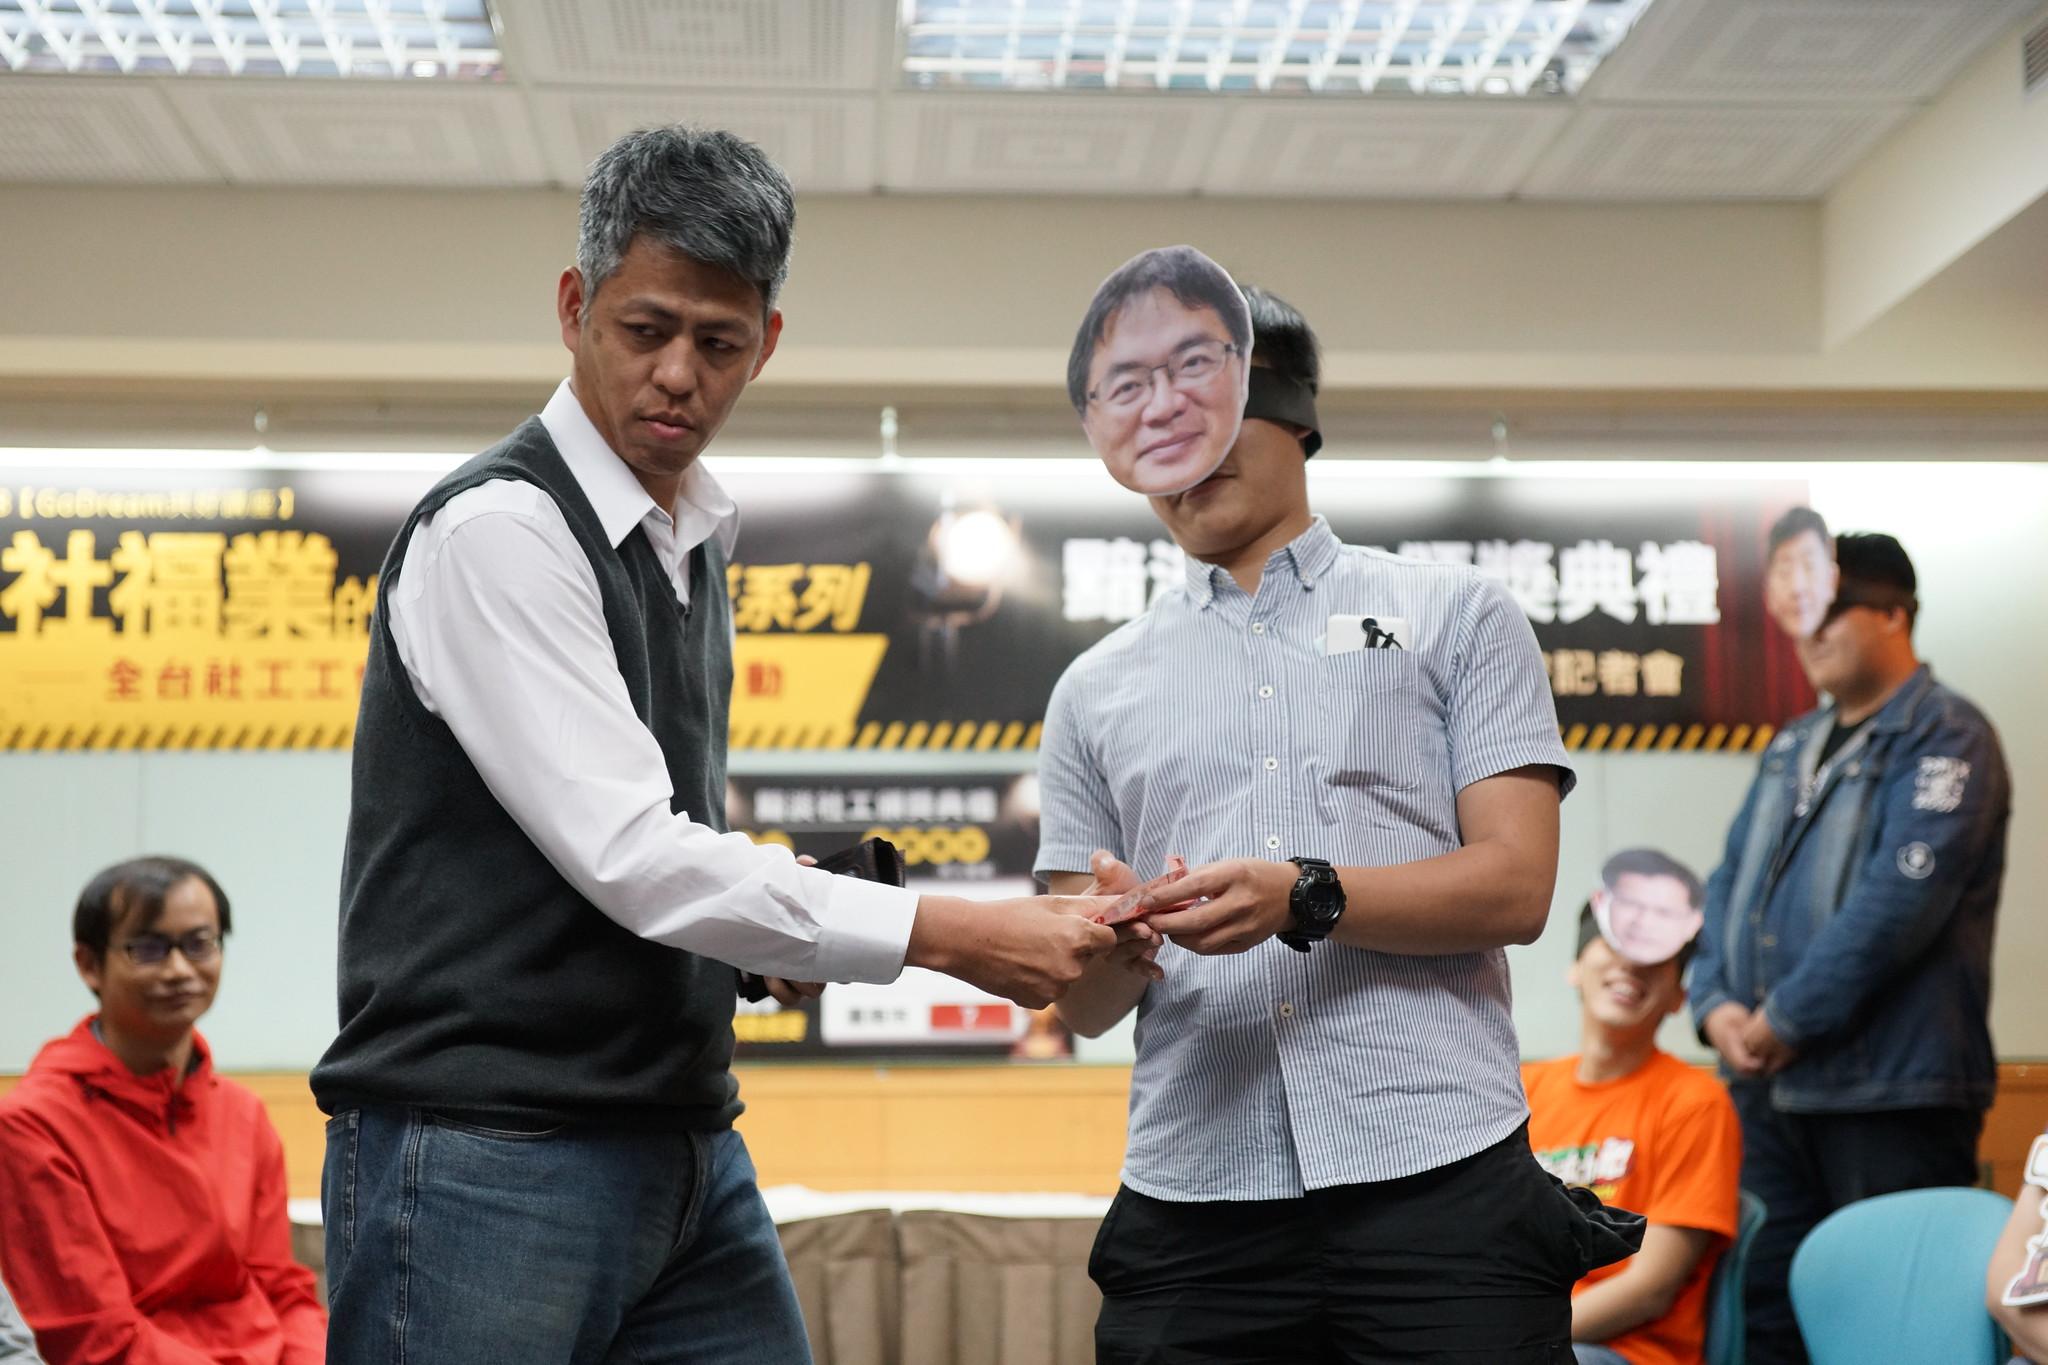 頒獎典禮上,工會成員扮演台南市代理市長李孟諺(右),接下社工從皮夾掏出的鈔票,諷刺台南市社工被要求回捐薪資的狀況嚴重。(攝影:王顥中)